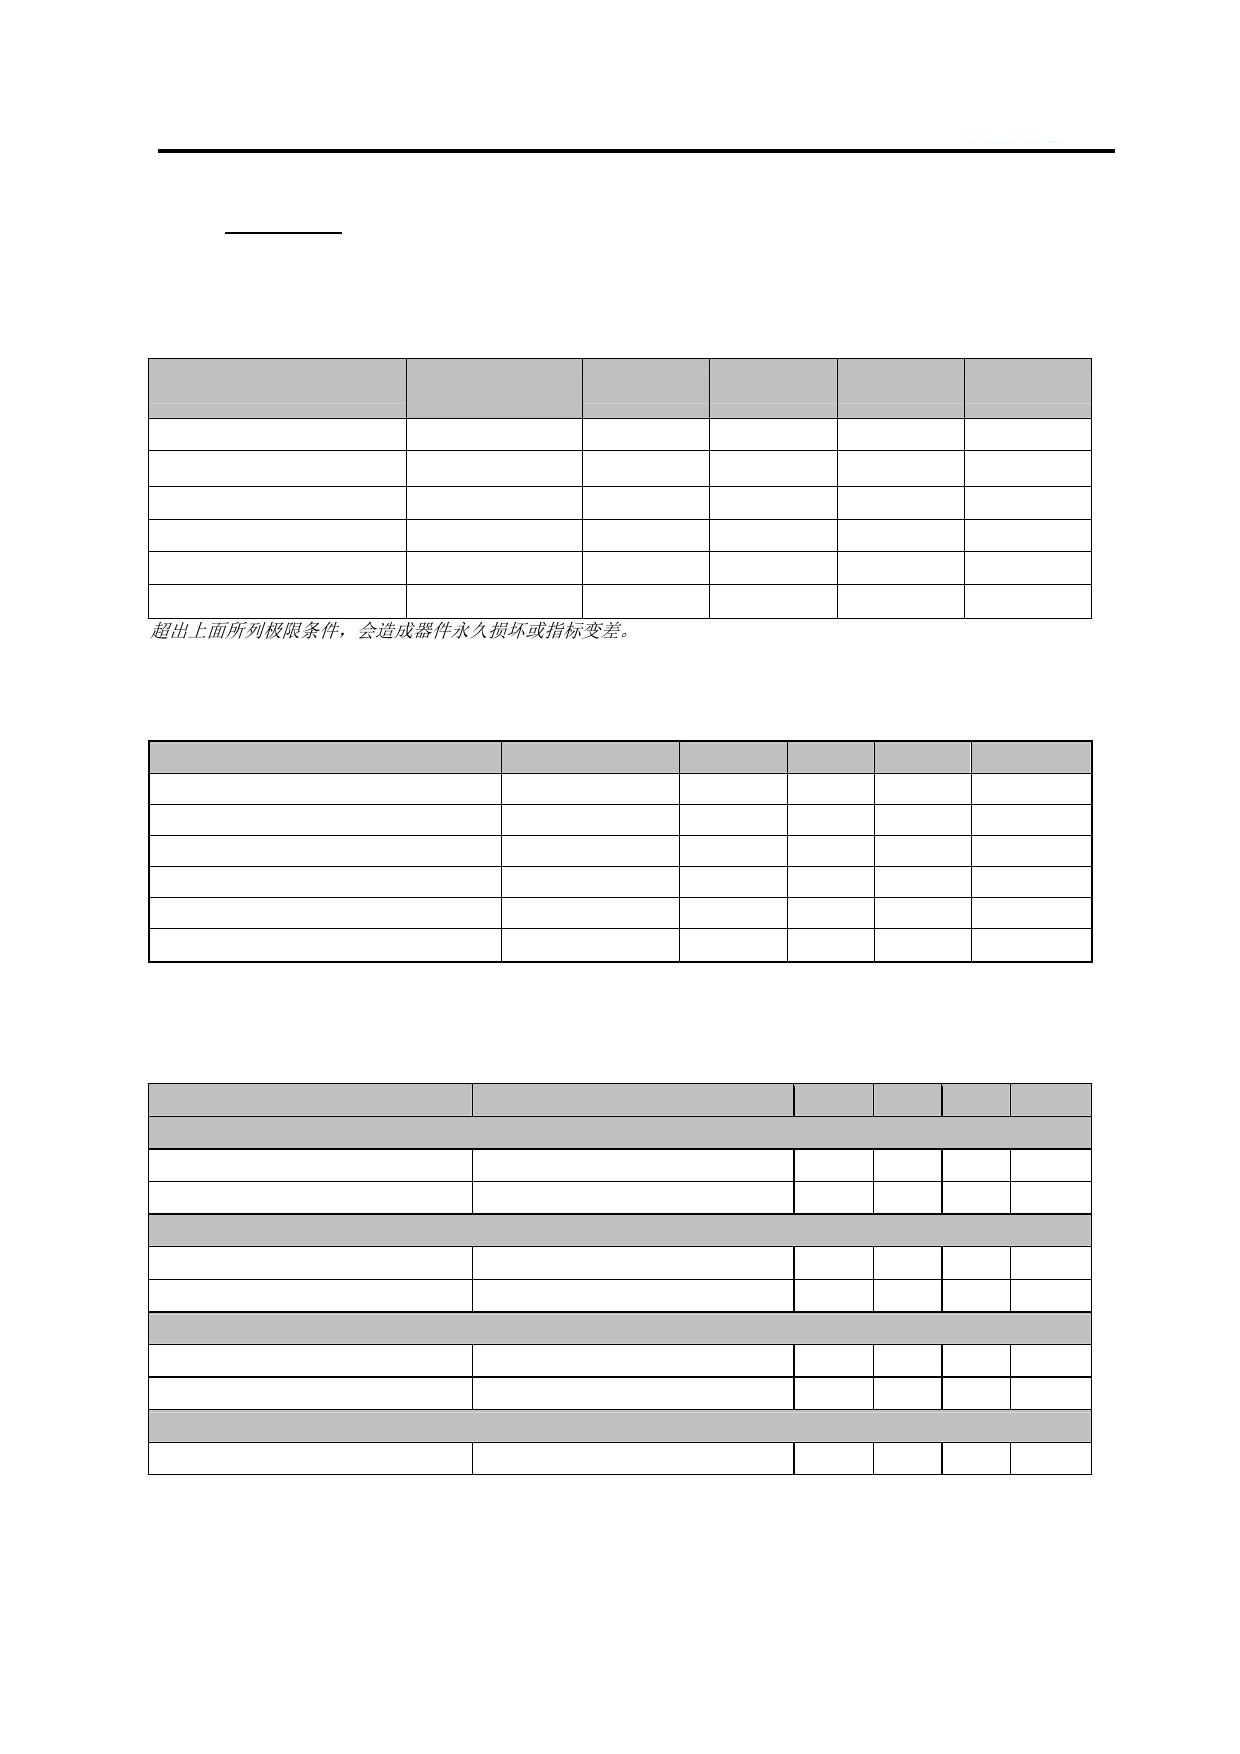 DSP6951 pdf, ピン配列